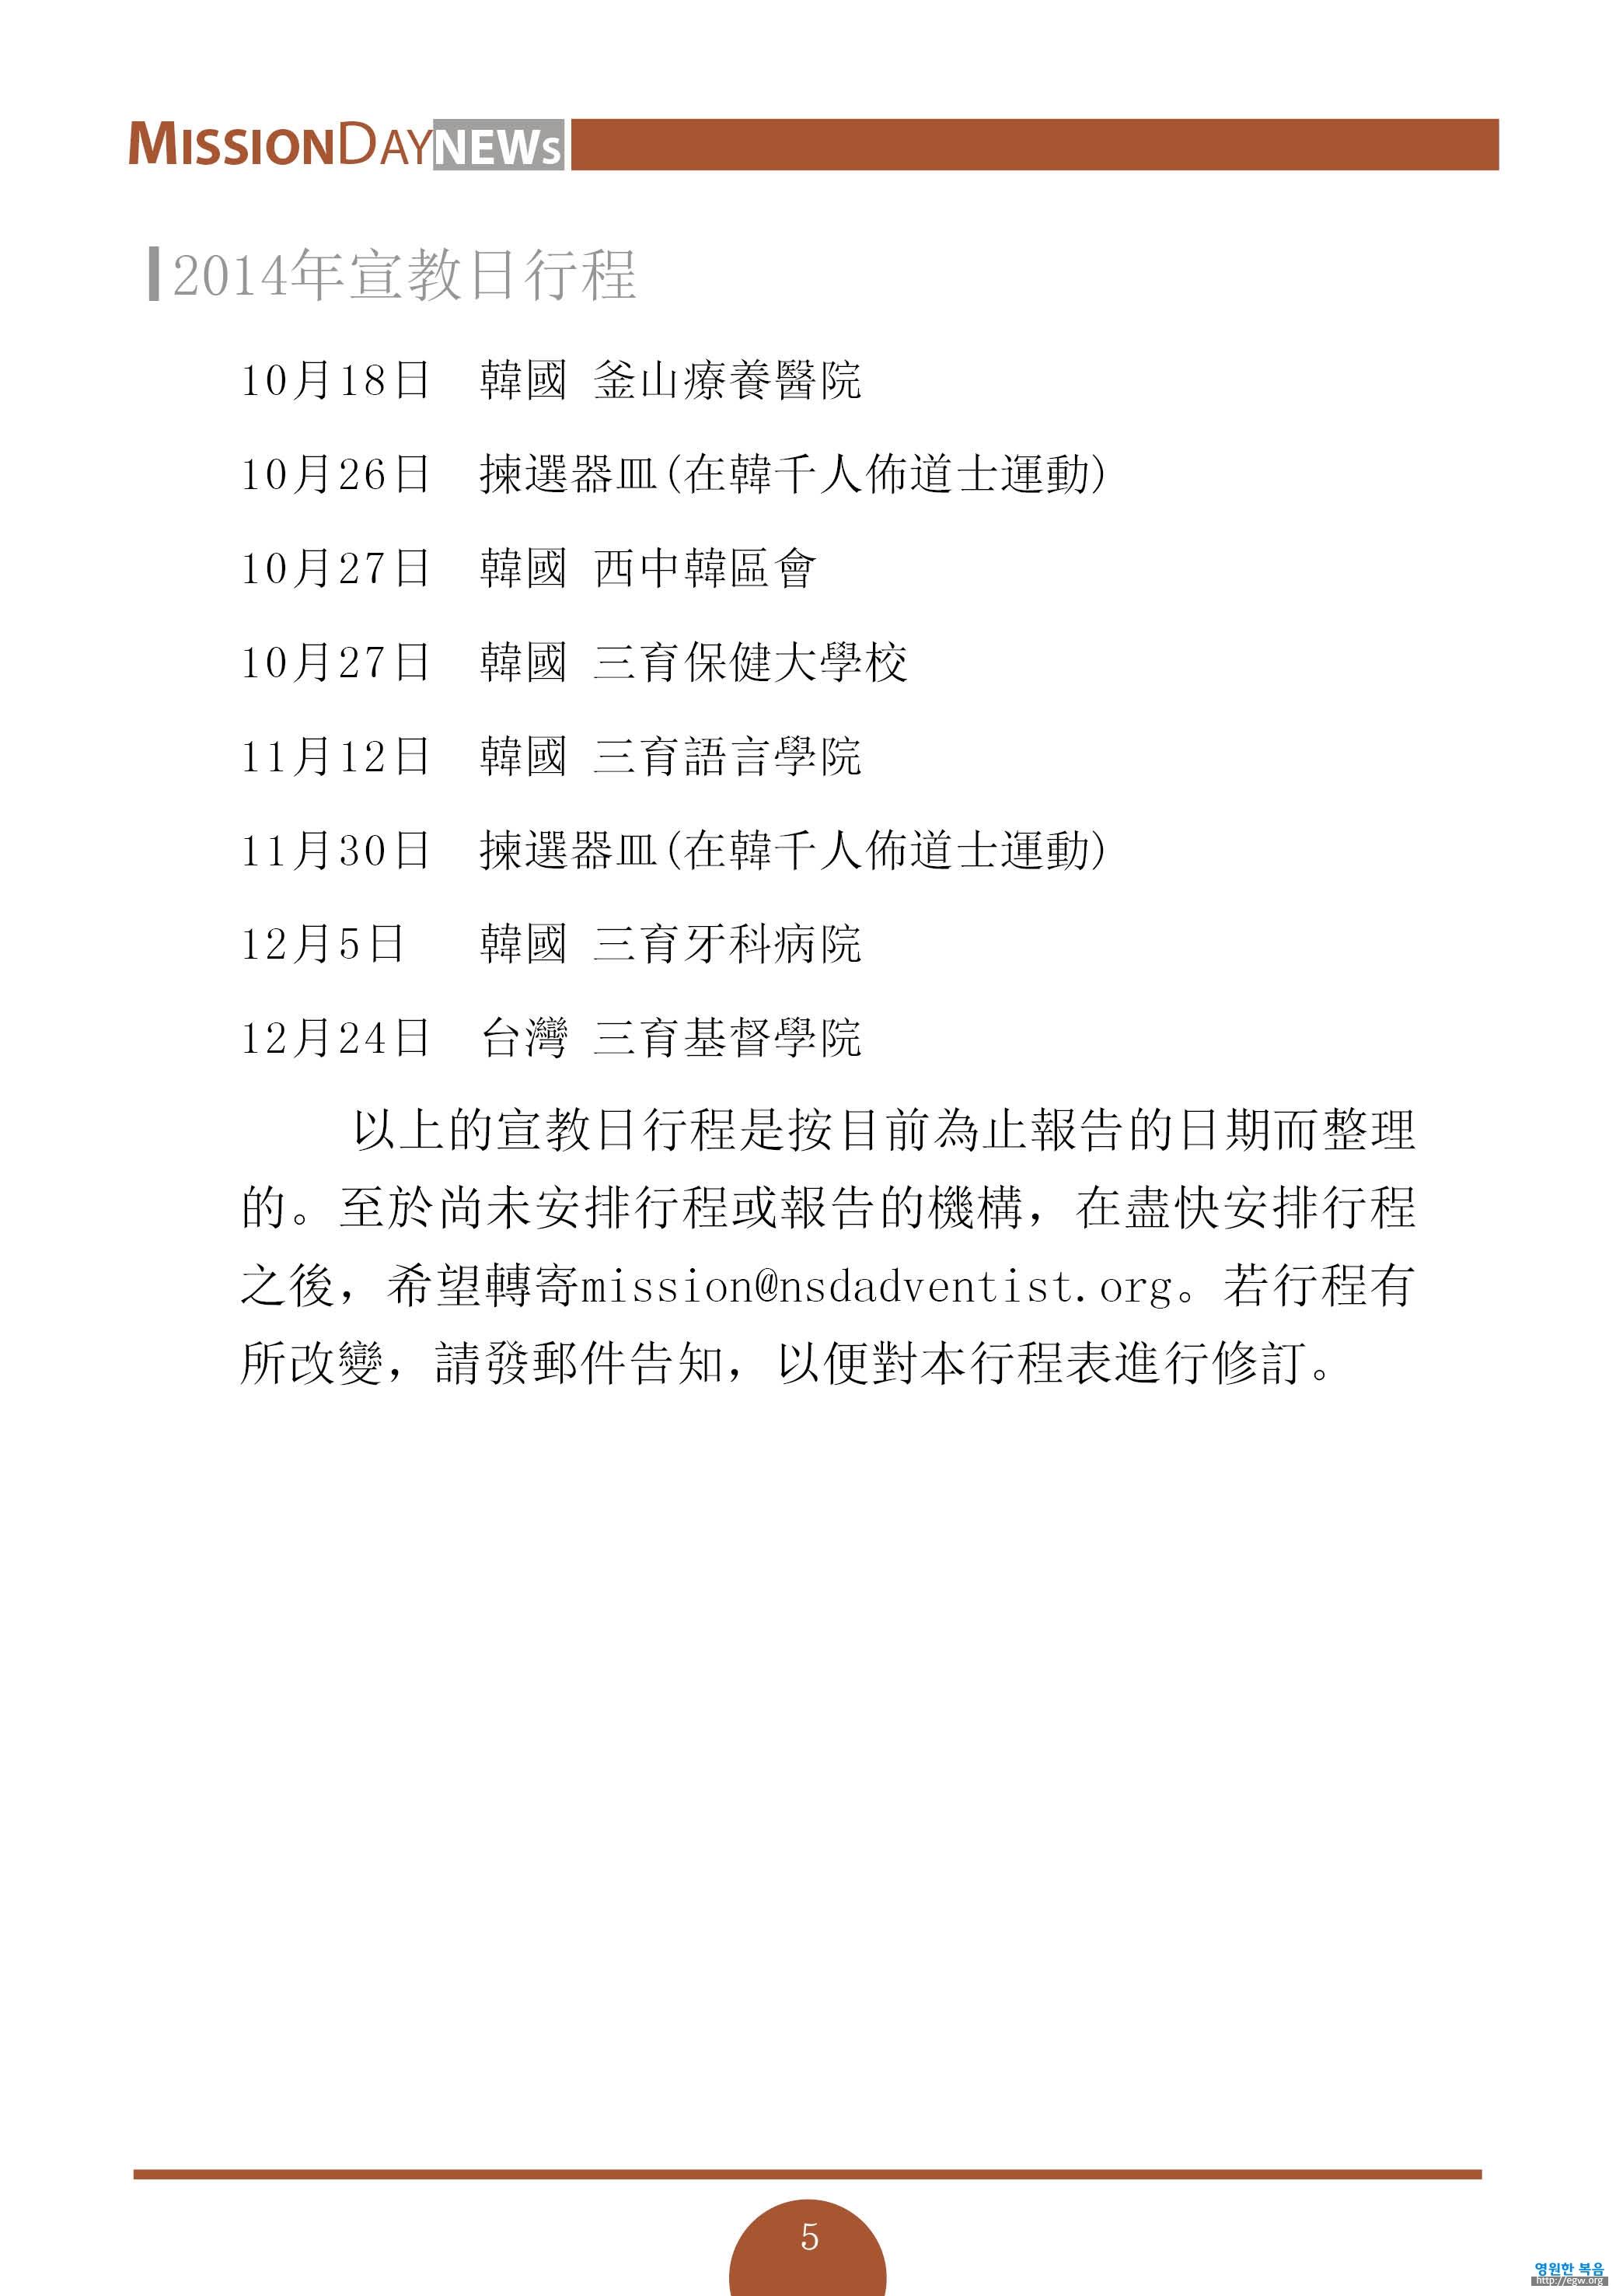 chinese5.jpg